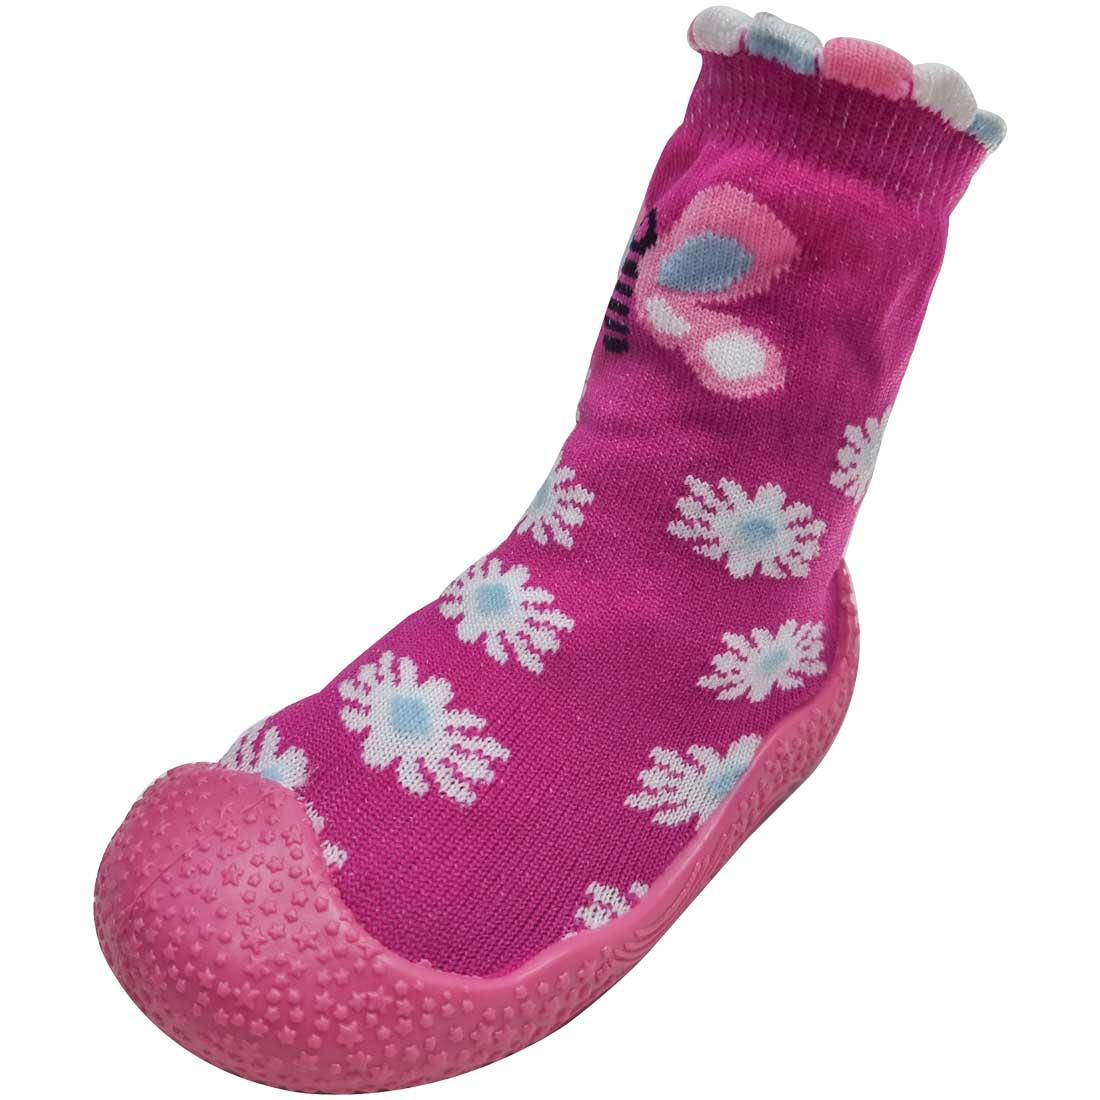 Meia Baby com Solado Borboleta - Pink